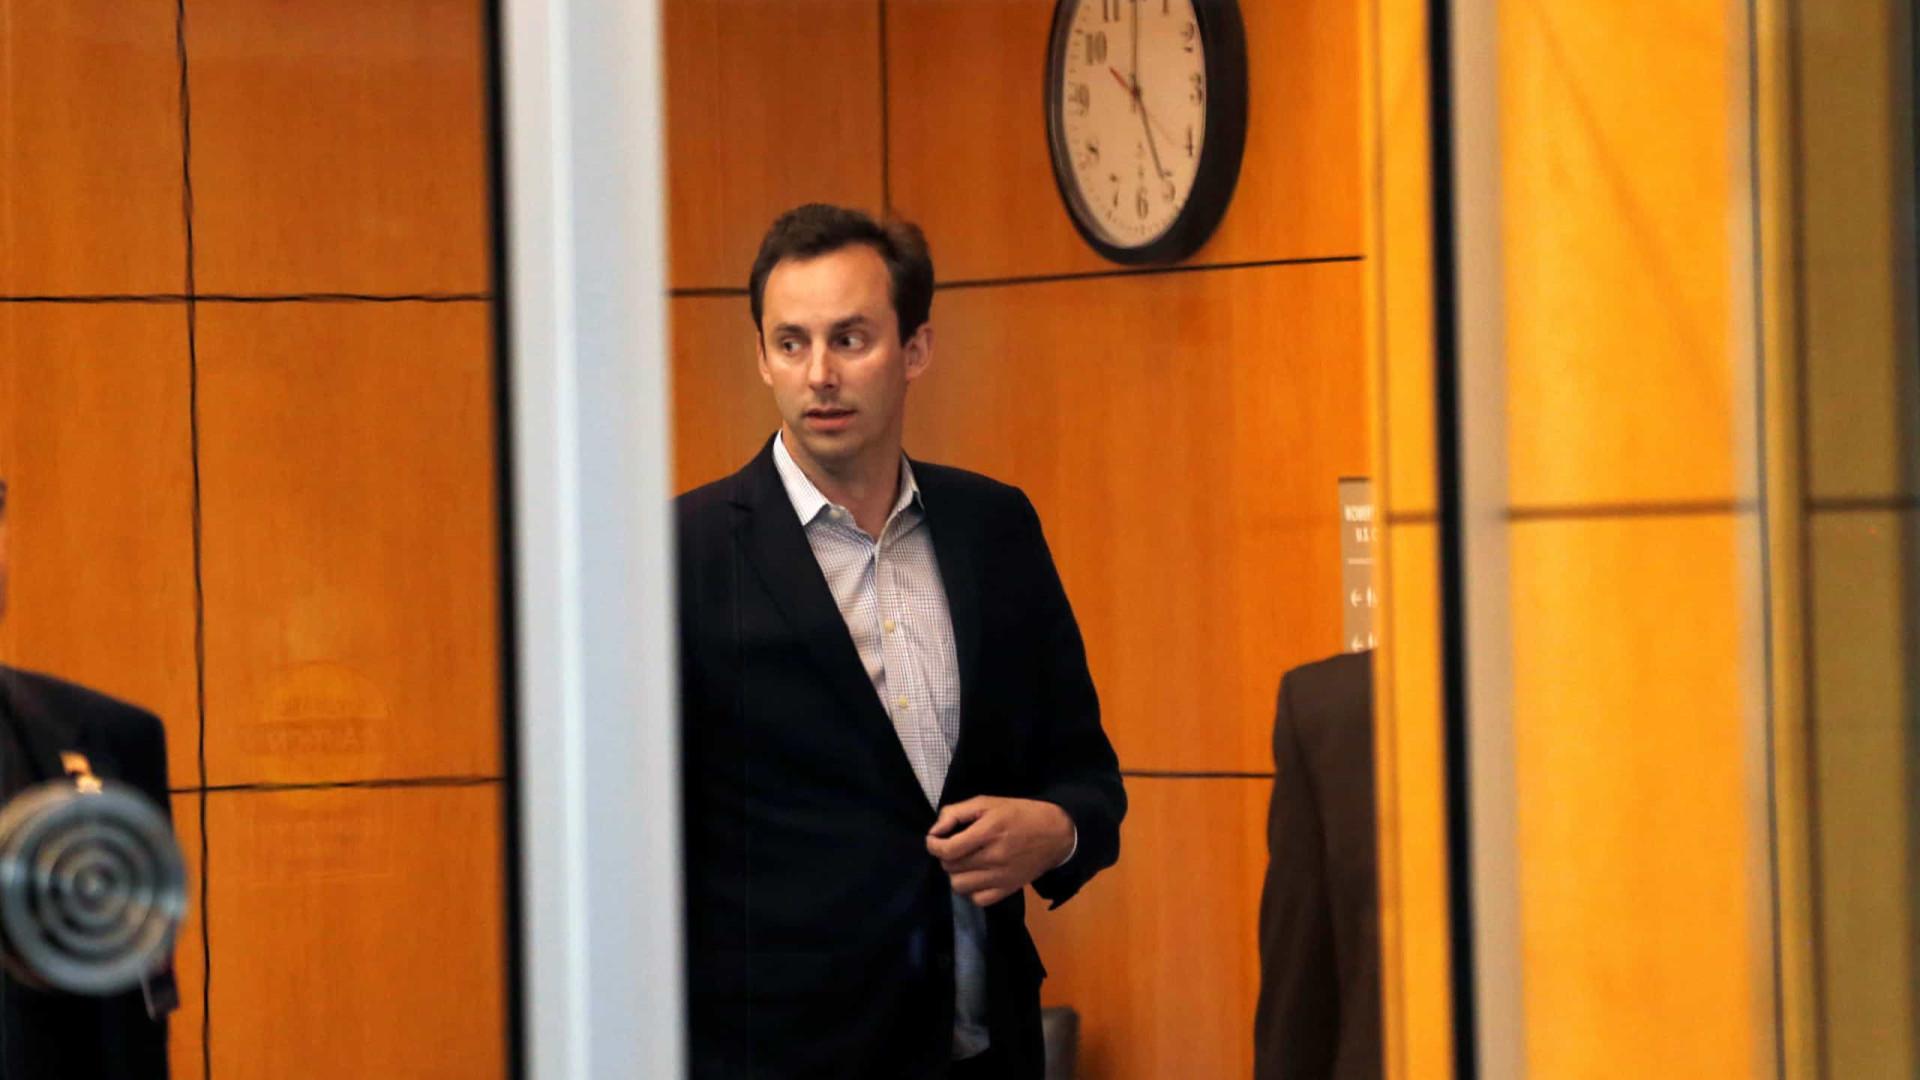 Ex-engenheiro é condenado a pagar 800 milhões de reais à Google